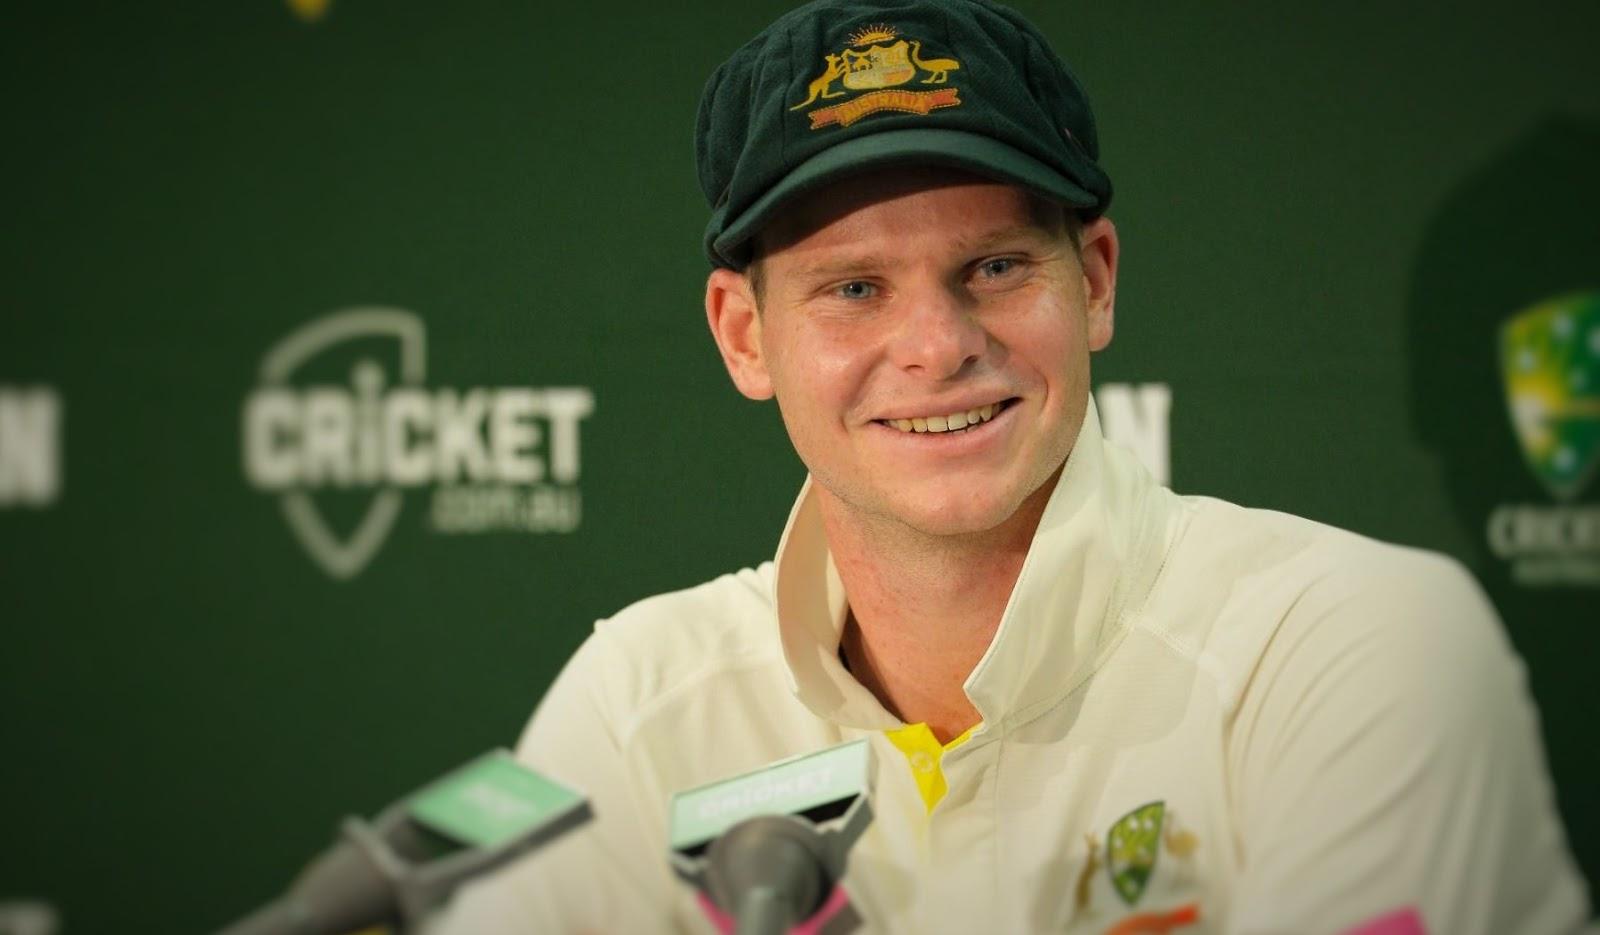 Steven Smith Profile A Short Cricket Biography